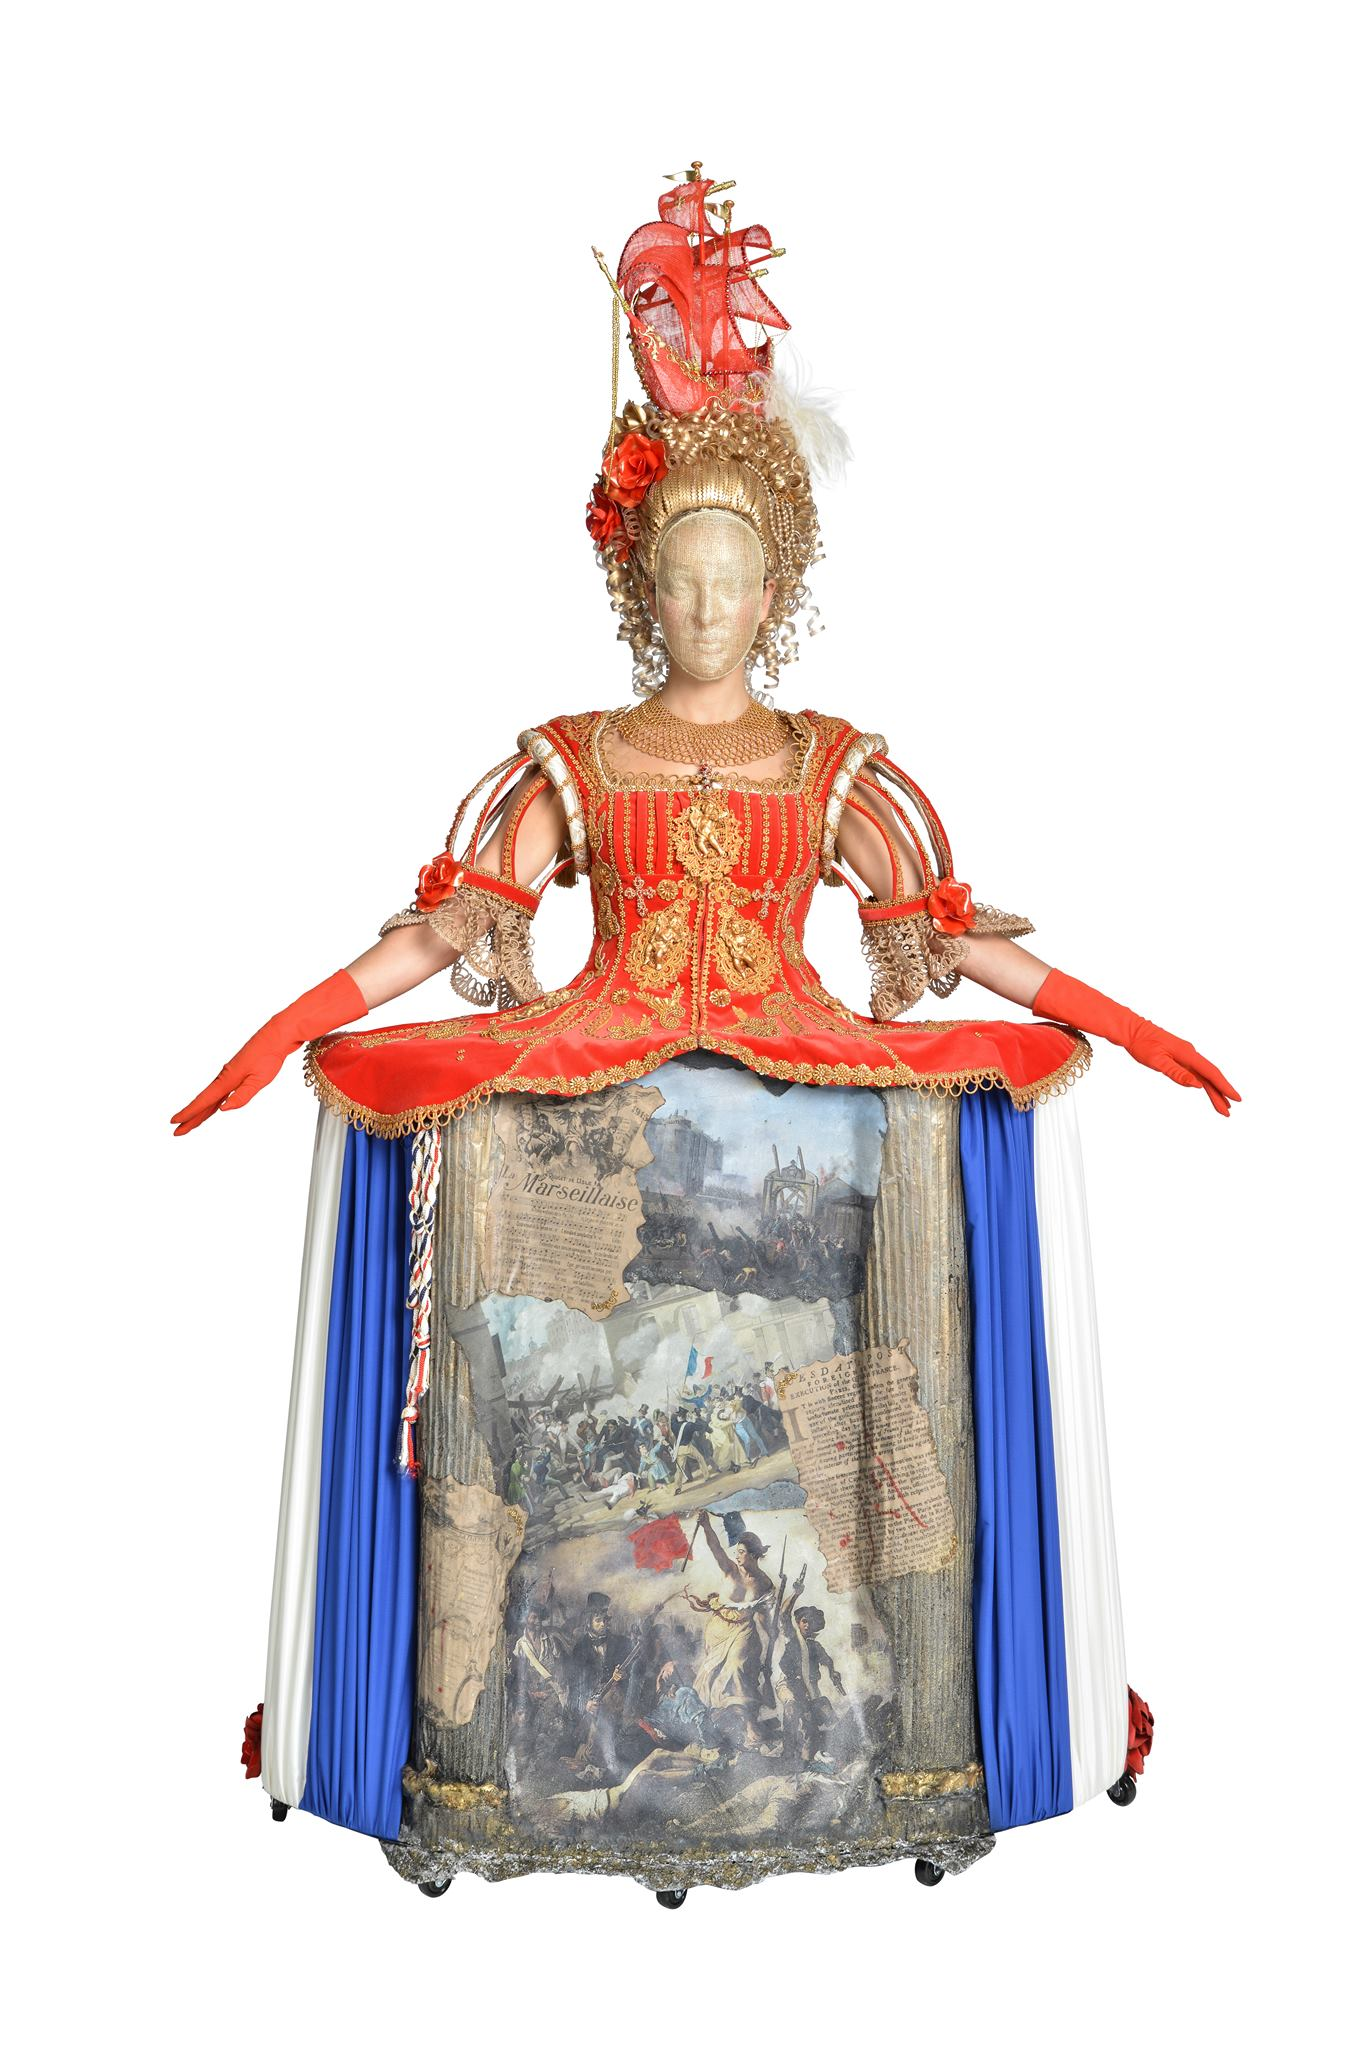 fotografia di un lavoro in mostra al neozelandese museo Te Papa: un abito in stile settecentesco ispirato alla controversa figura di Marie Antoinette di Francia